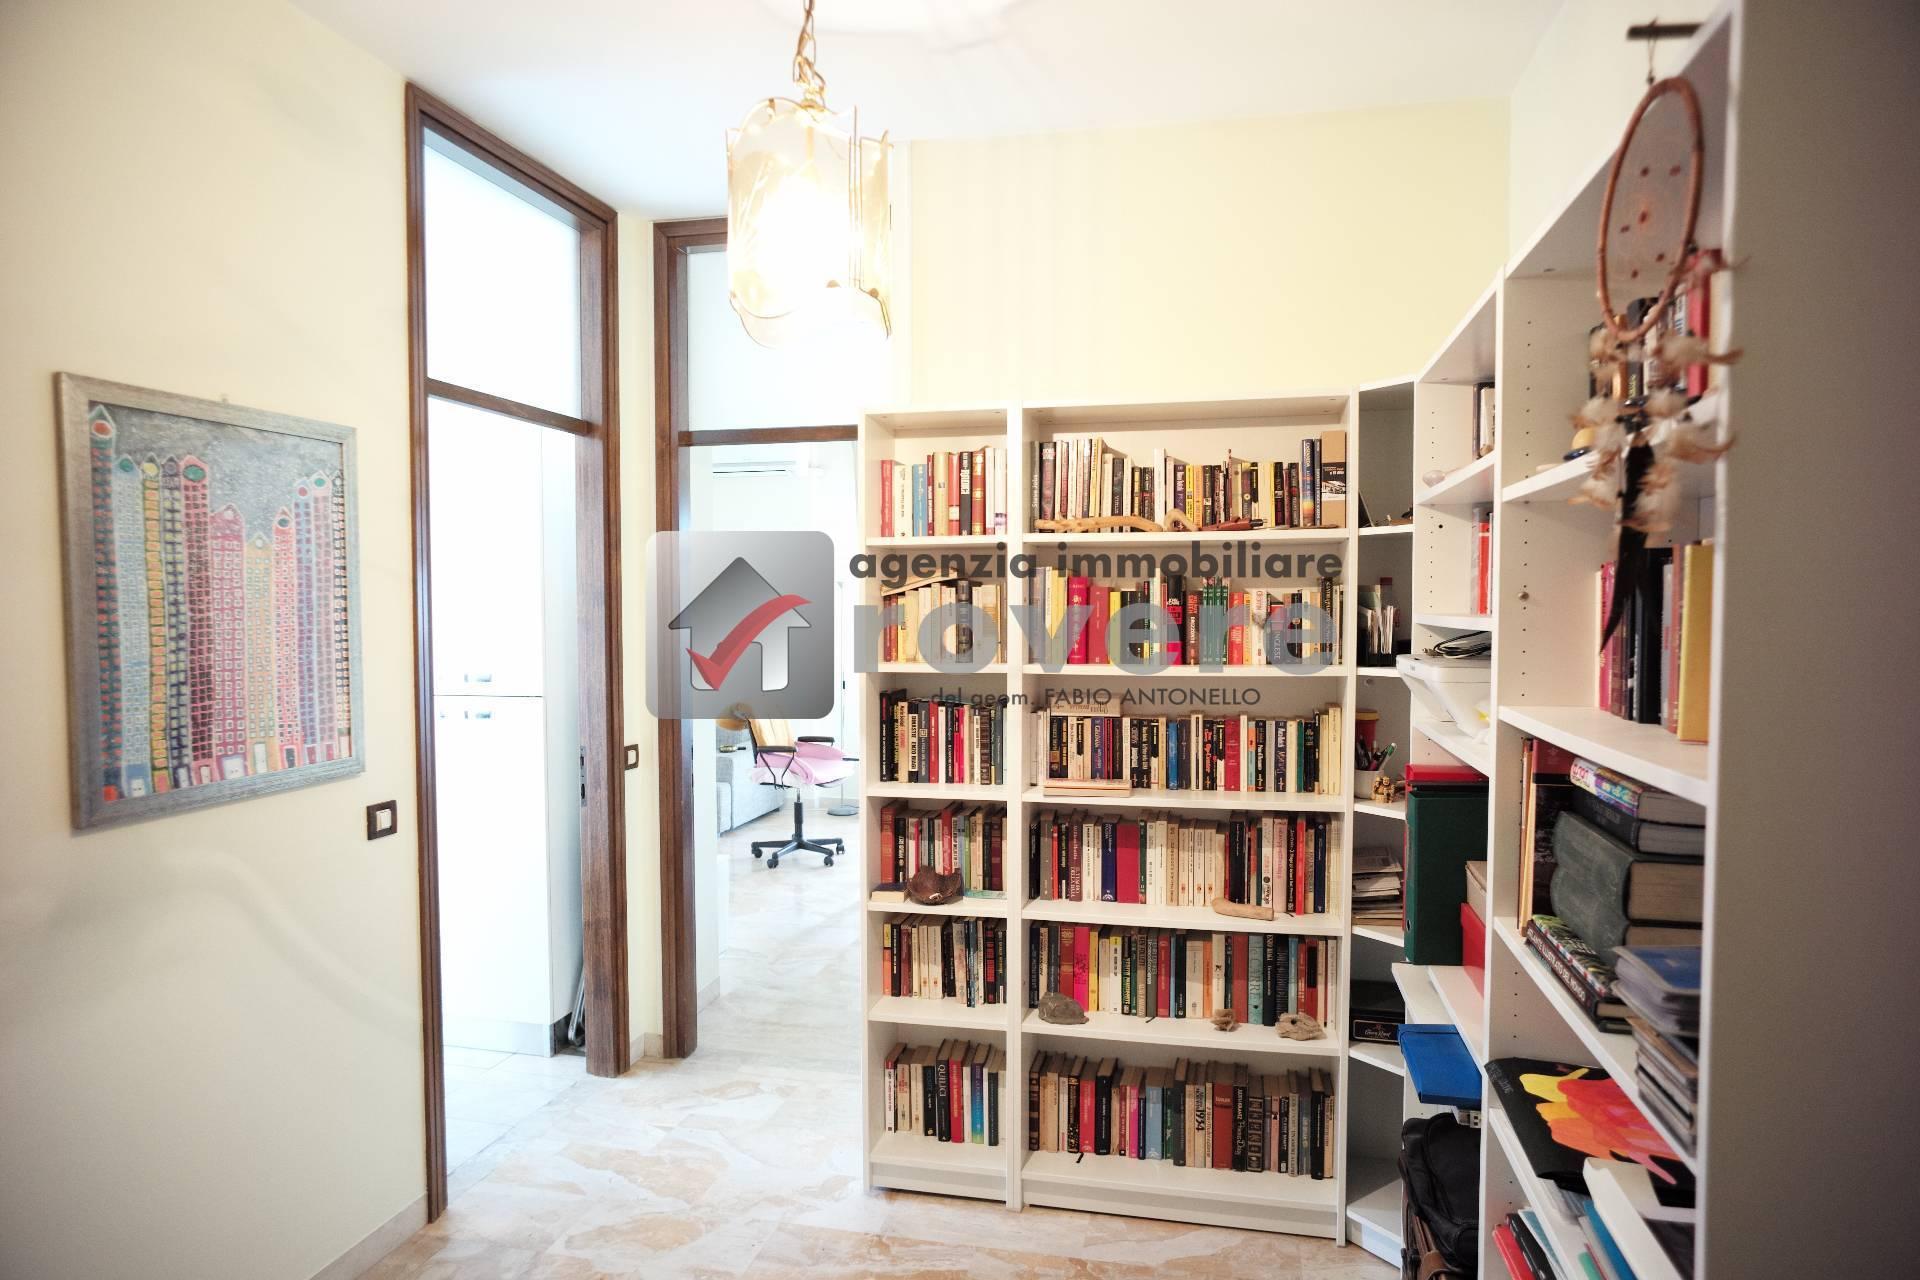 Appartamento in vendita a Treviso, 3 locali, zona Località: S.MariadelRovere, prezzo € 85.000   PortaleAgenzieImmobiliari.it